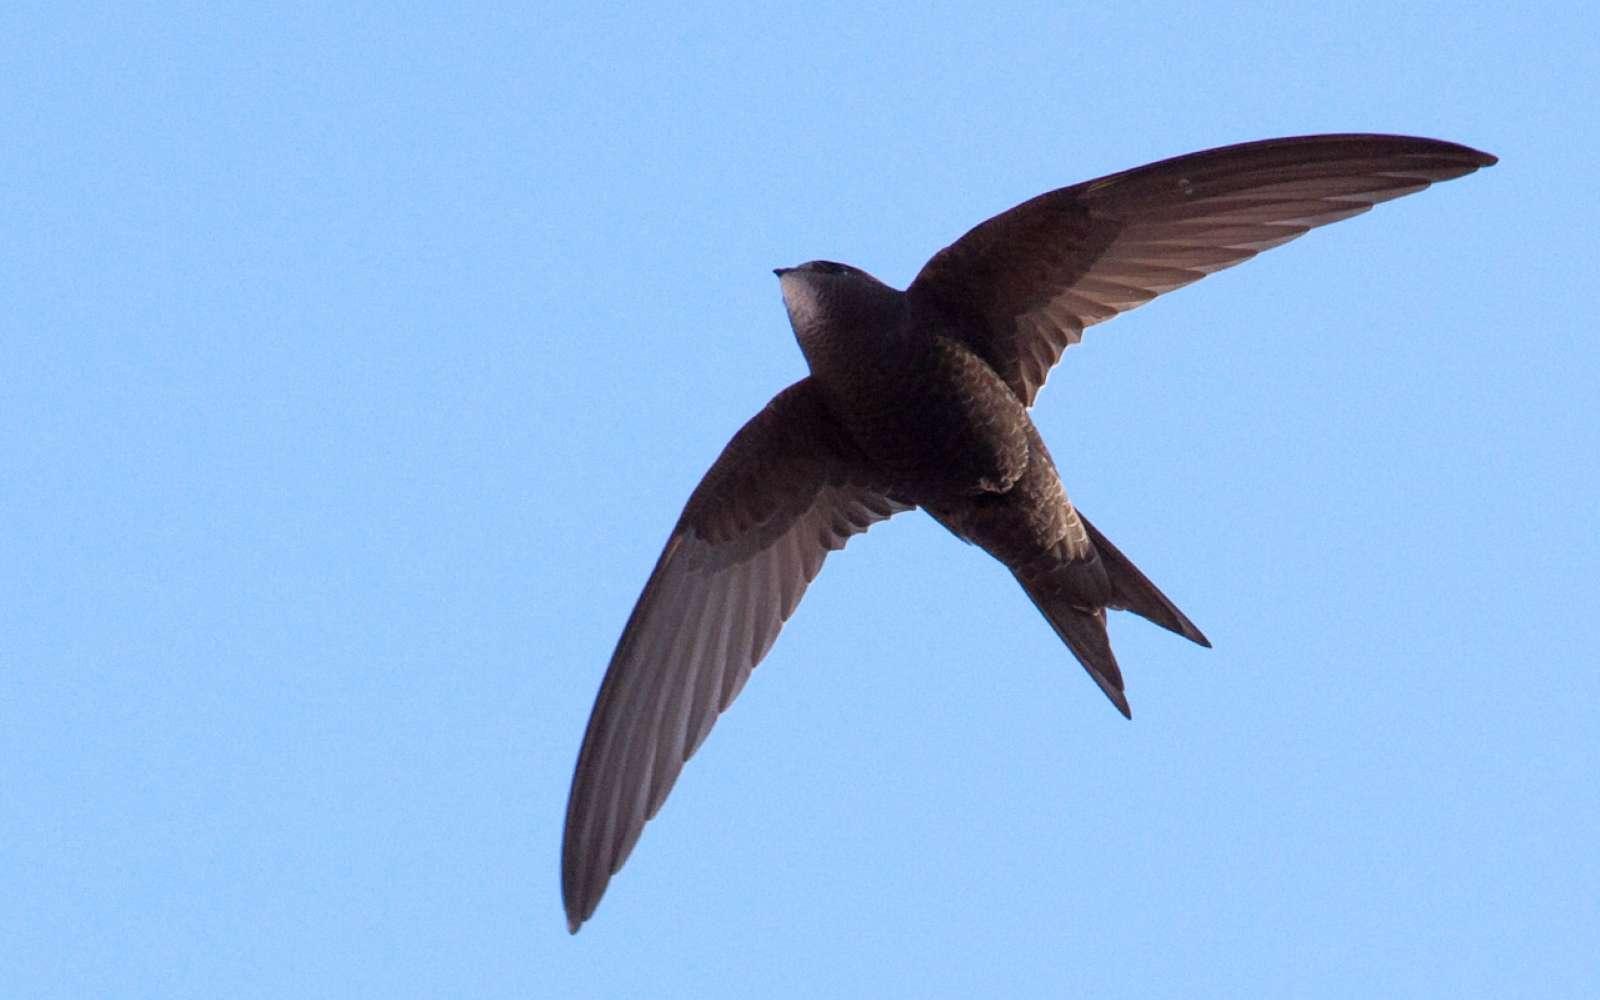 Le martinet est l'un des oiseaux les plus habiles en voltige. Le secteur de l'aéronautique cherche à s'en inspirer depuis longtemps pour optimiser les aéronefs. © Snowmanradio, Wikipédia, CC by-sa 2.0